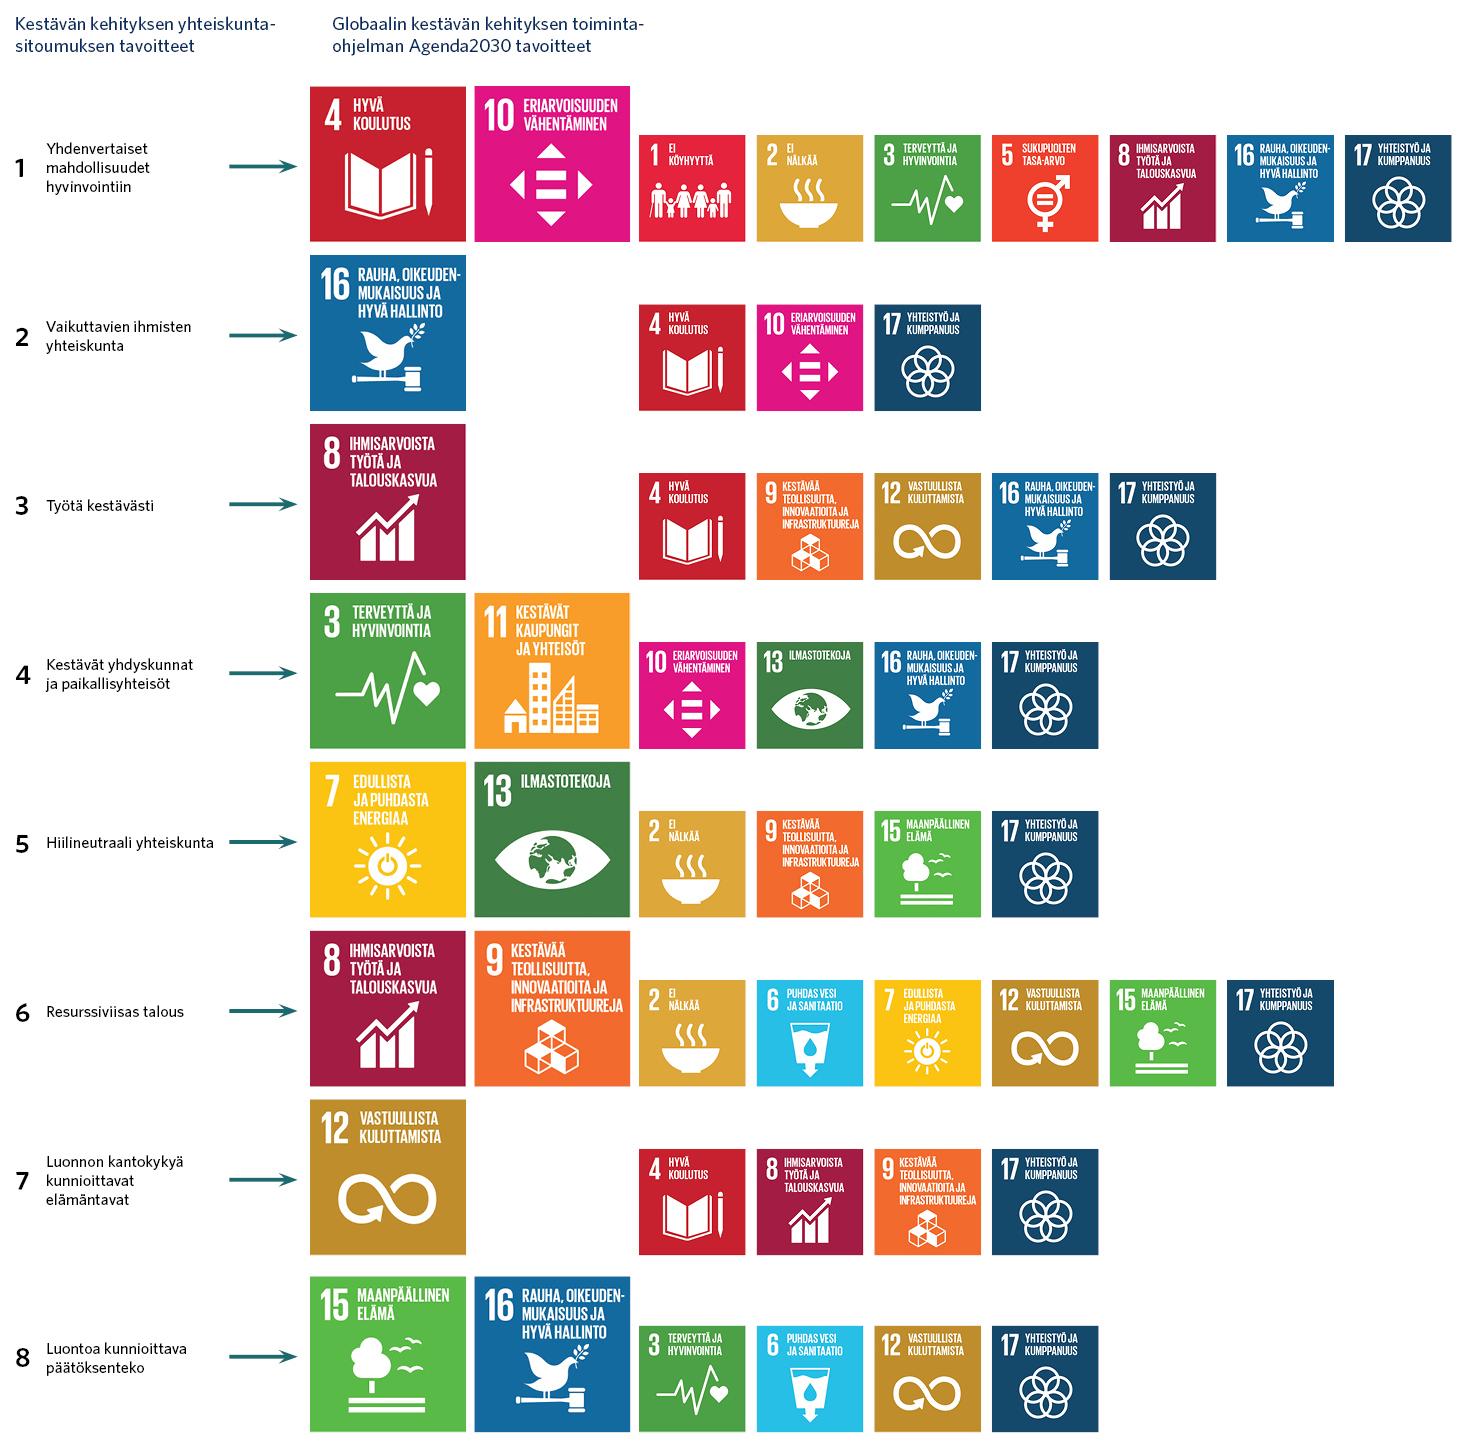 Suomen yhteiskuntasitoumuksen tavoitteet sisältävät melko kattavasti Agenda 2030 -ohjelman päätavoitteet. Sitoumuksen tavoitteet ovat yhdenvertaiset mahdollisuudet hyvinvointiin, vaikuttavien ihmisten yhteiskunta, työtä kestävästi, kestävät yhdyskunnat ja paikallisyhteisöt, hiilineutraaliyteiskunta, resurssiviisas talous, luonnon kantokykyä kunnioittava elämäntavat ja luontoa kunnioittava päätöksenteko.